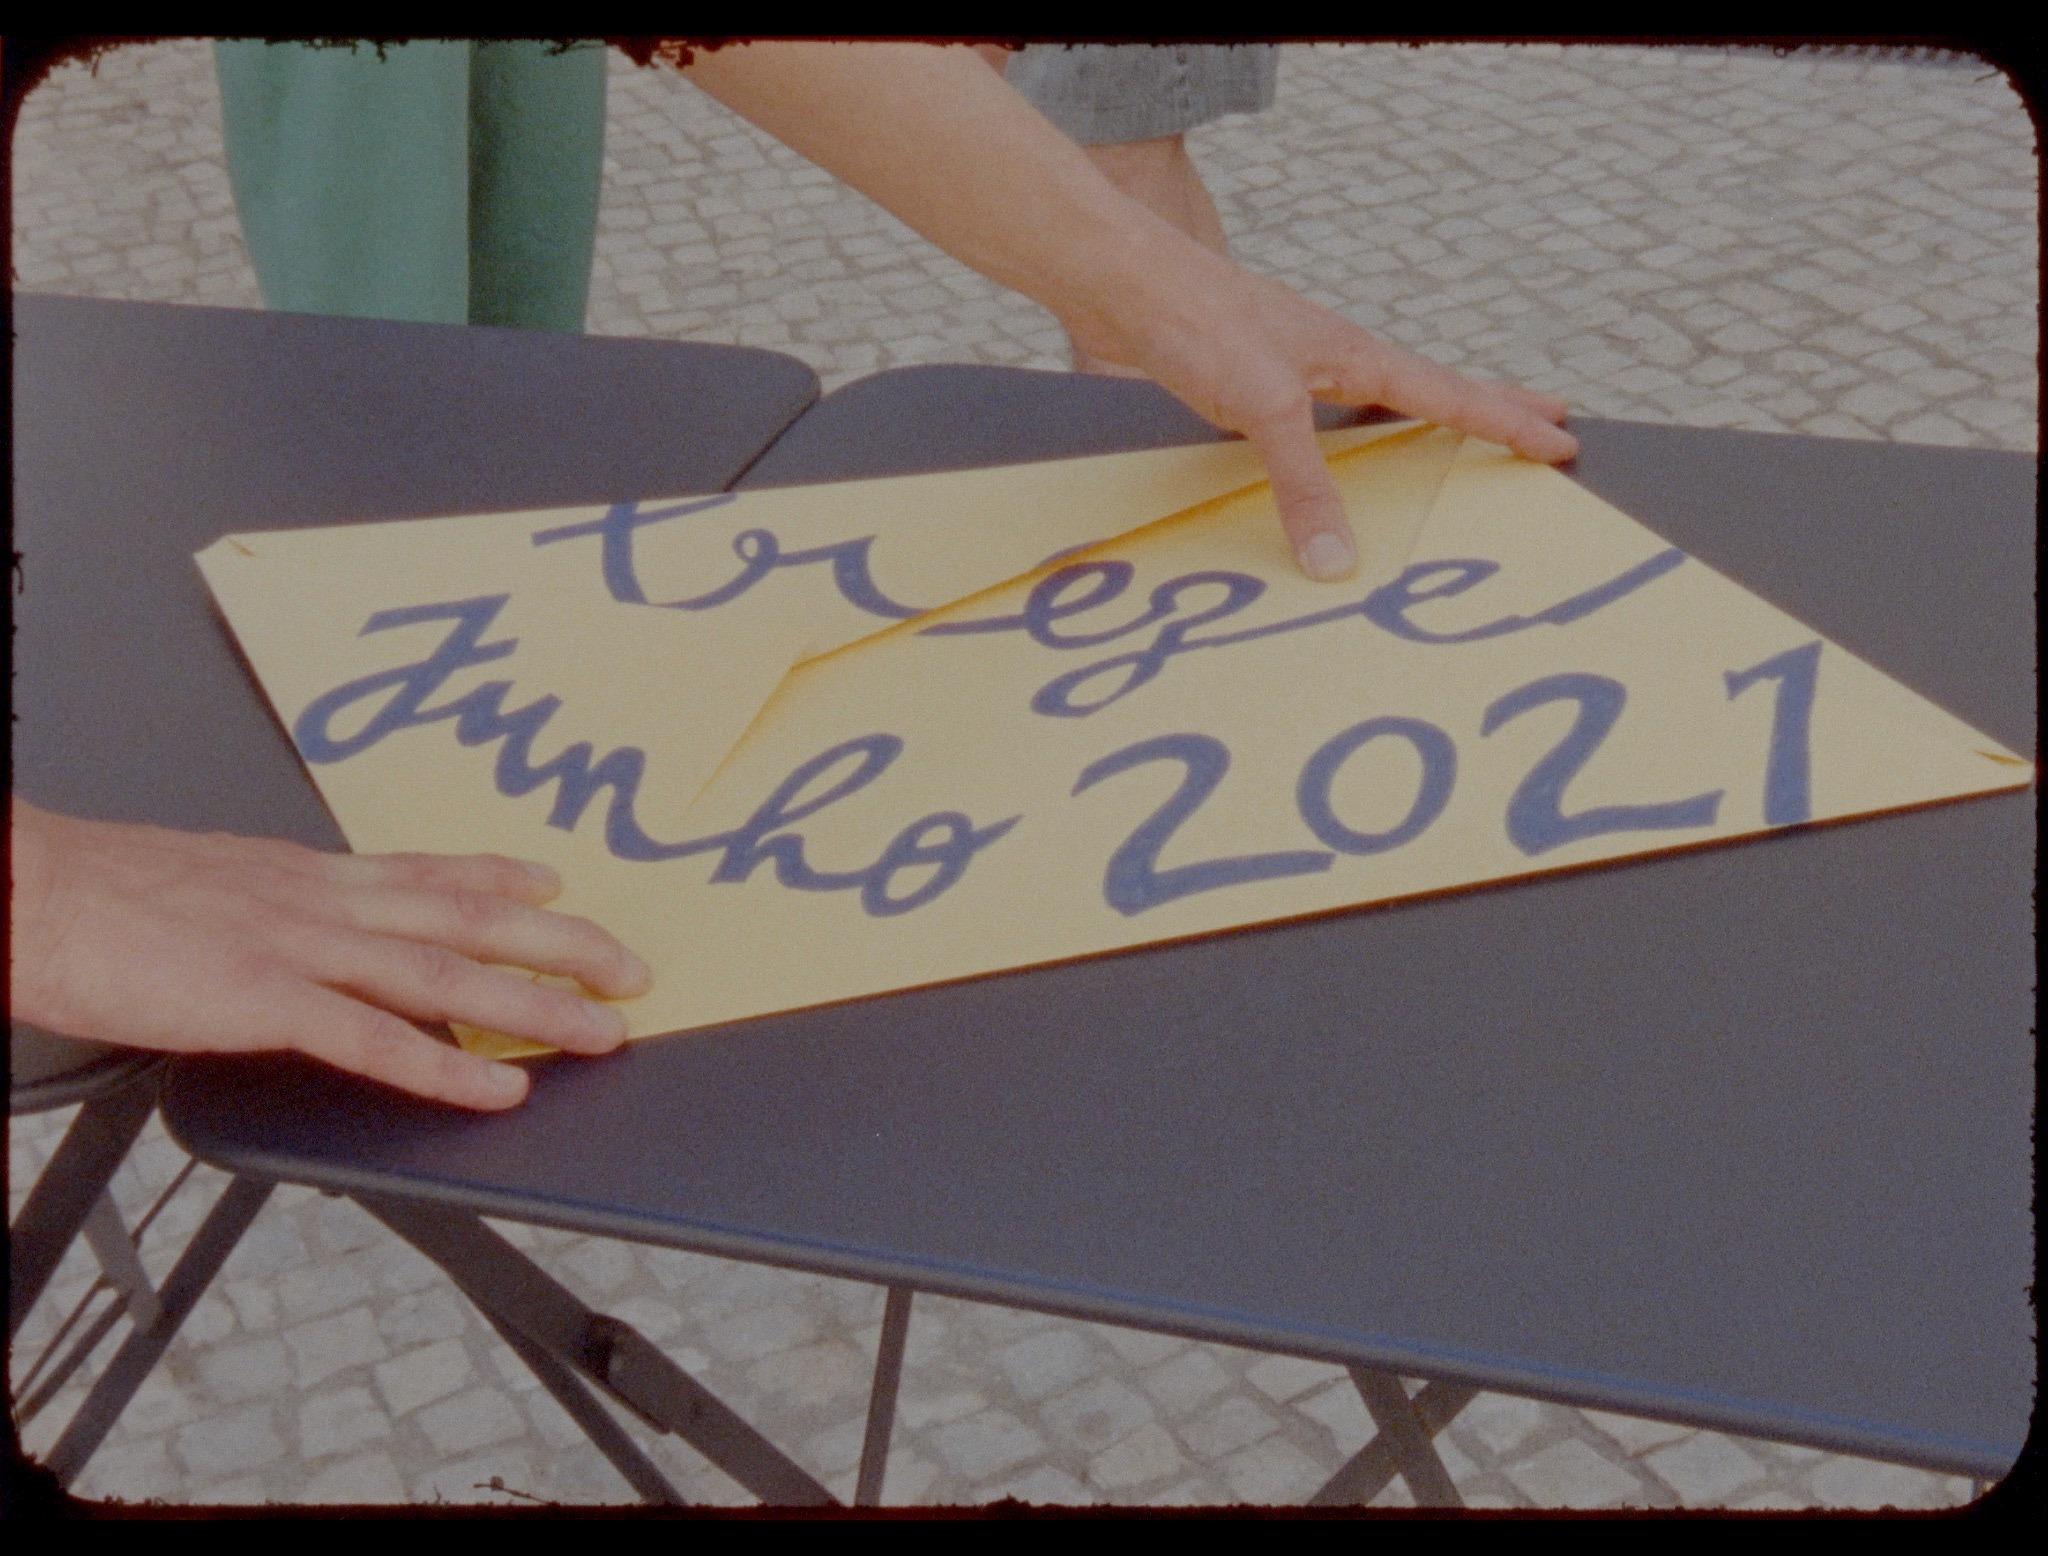 """Projeção do filme """"Encontro - Treze Junho 2021"""", de André Guedes"""